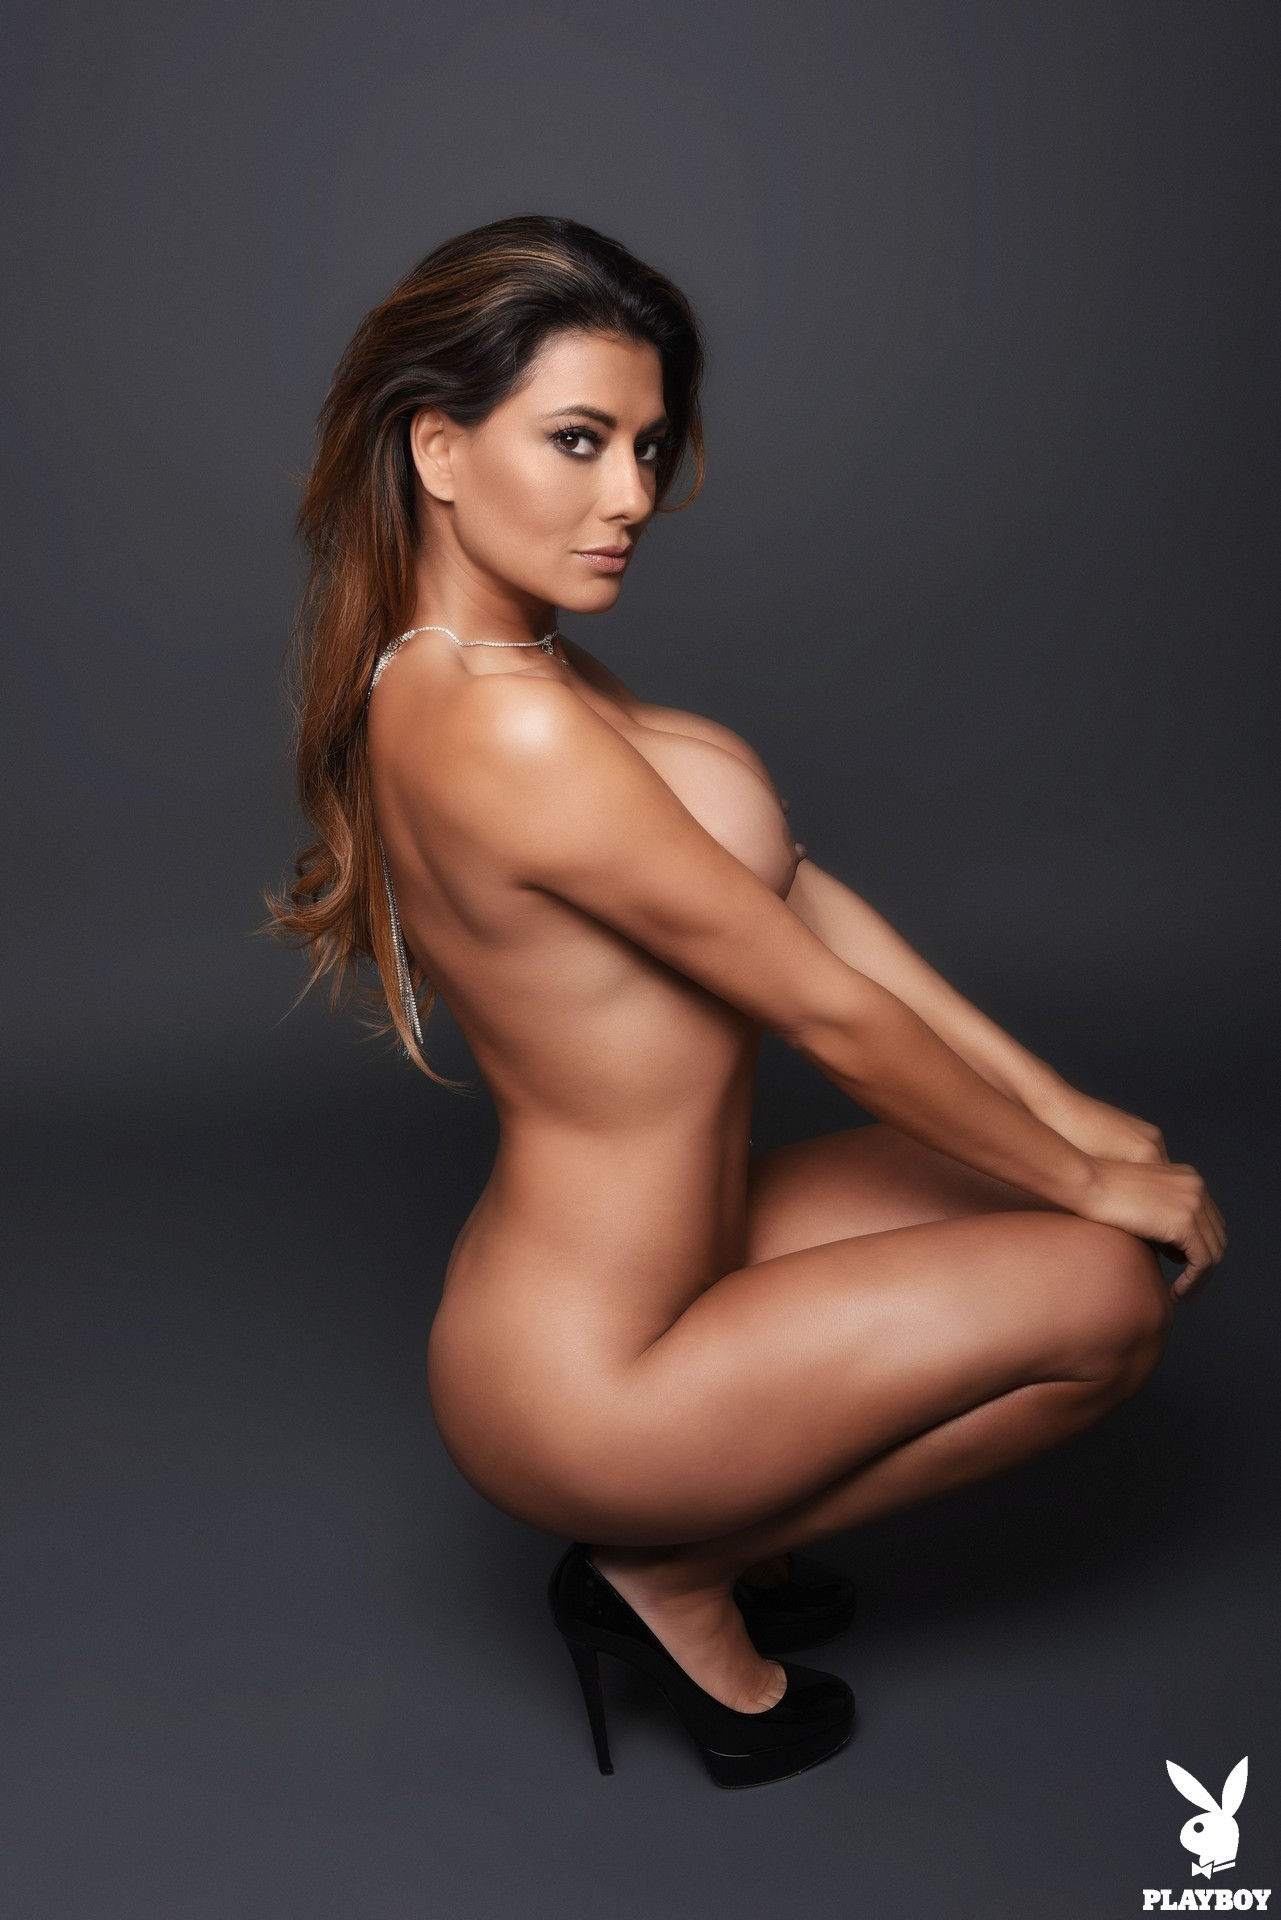 Viviana Castrillón in Playboy Mexico 15